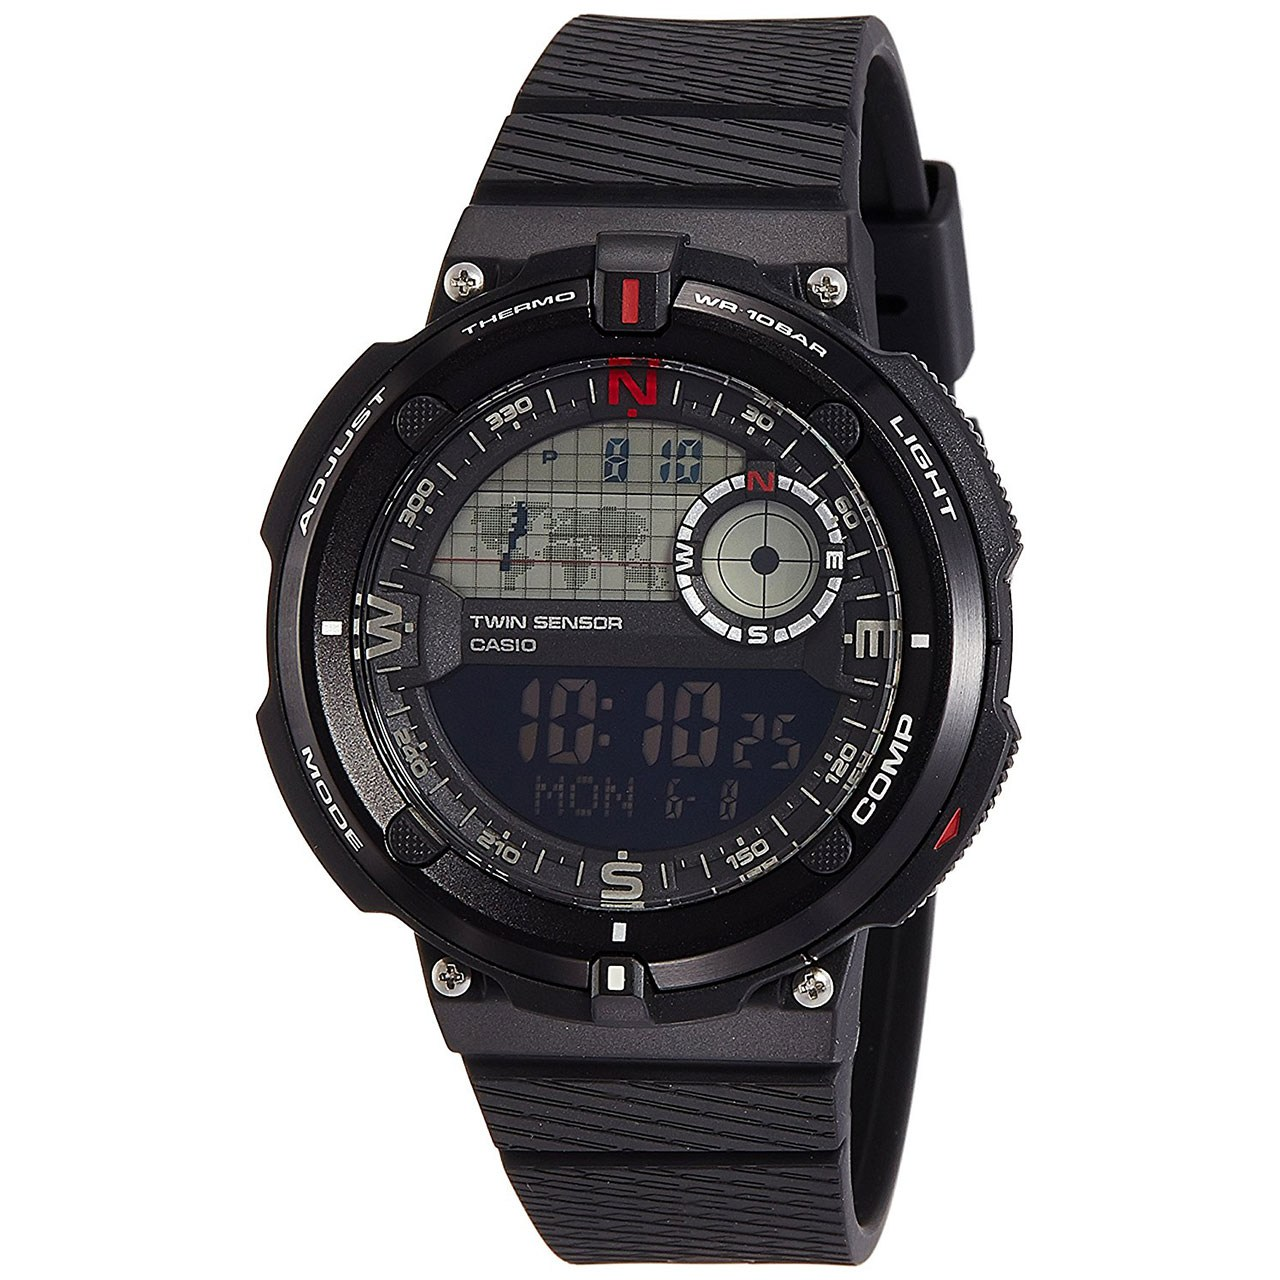 ساعت مچی دیجیتال مردانه کاسیو مدل SGW-600H-1BDR 18